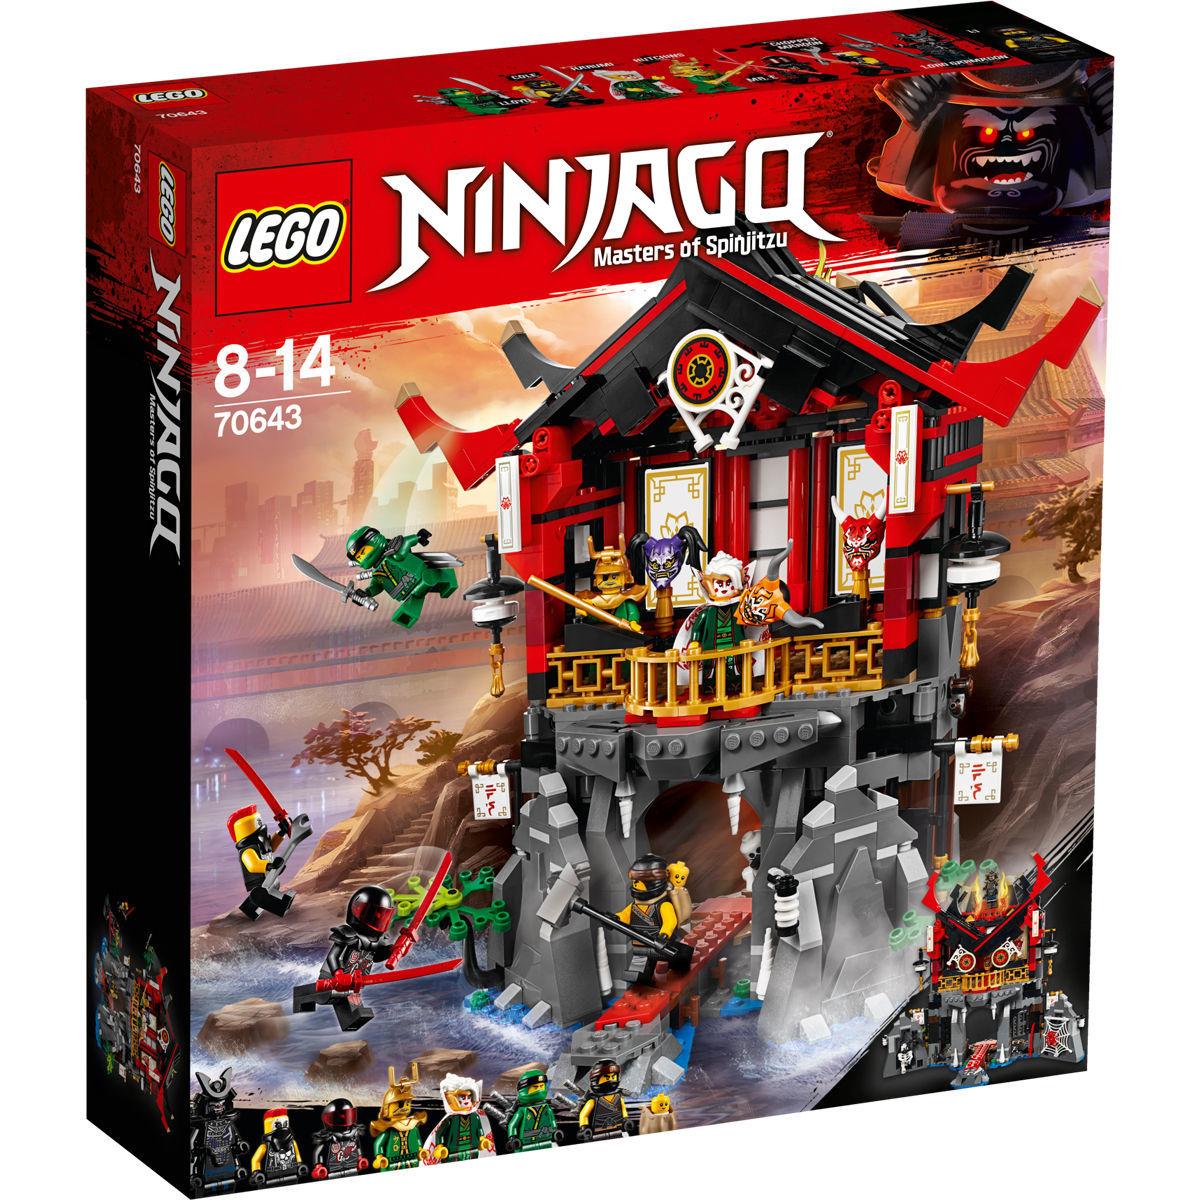 [Karstadt.de] LEGO 70643 Ninjago - Tempel der Auferstehung für  39,99 €